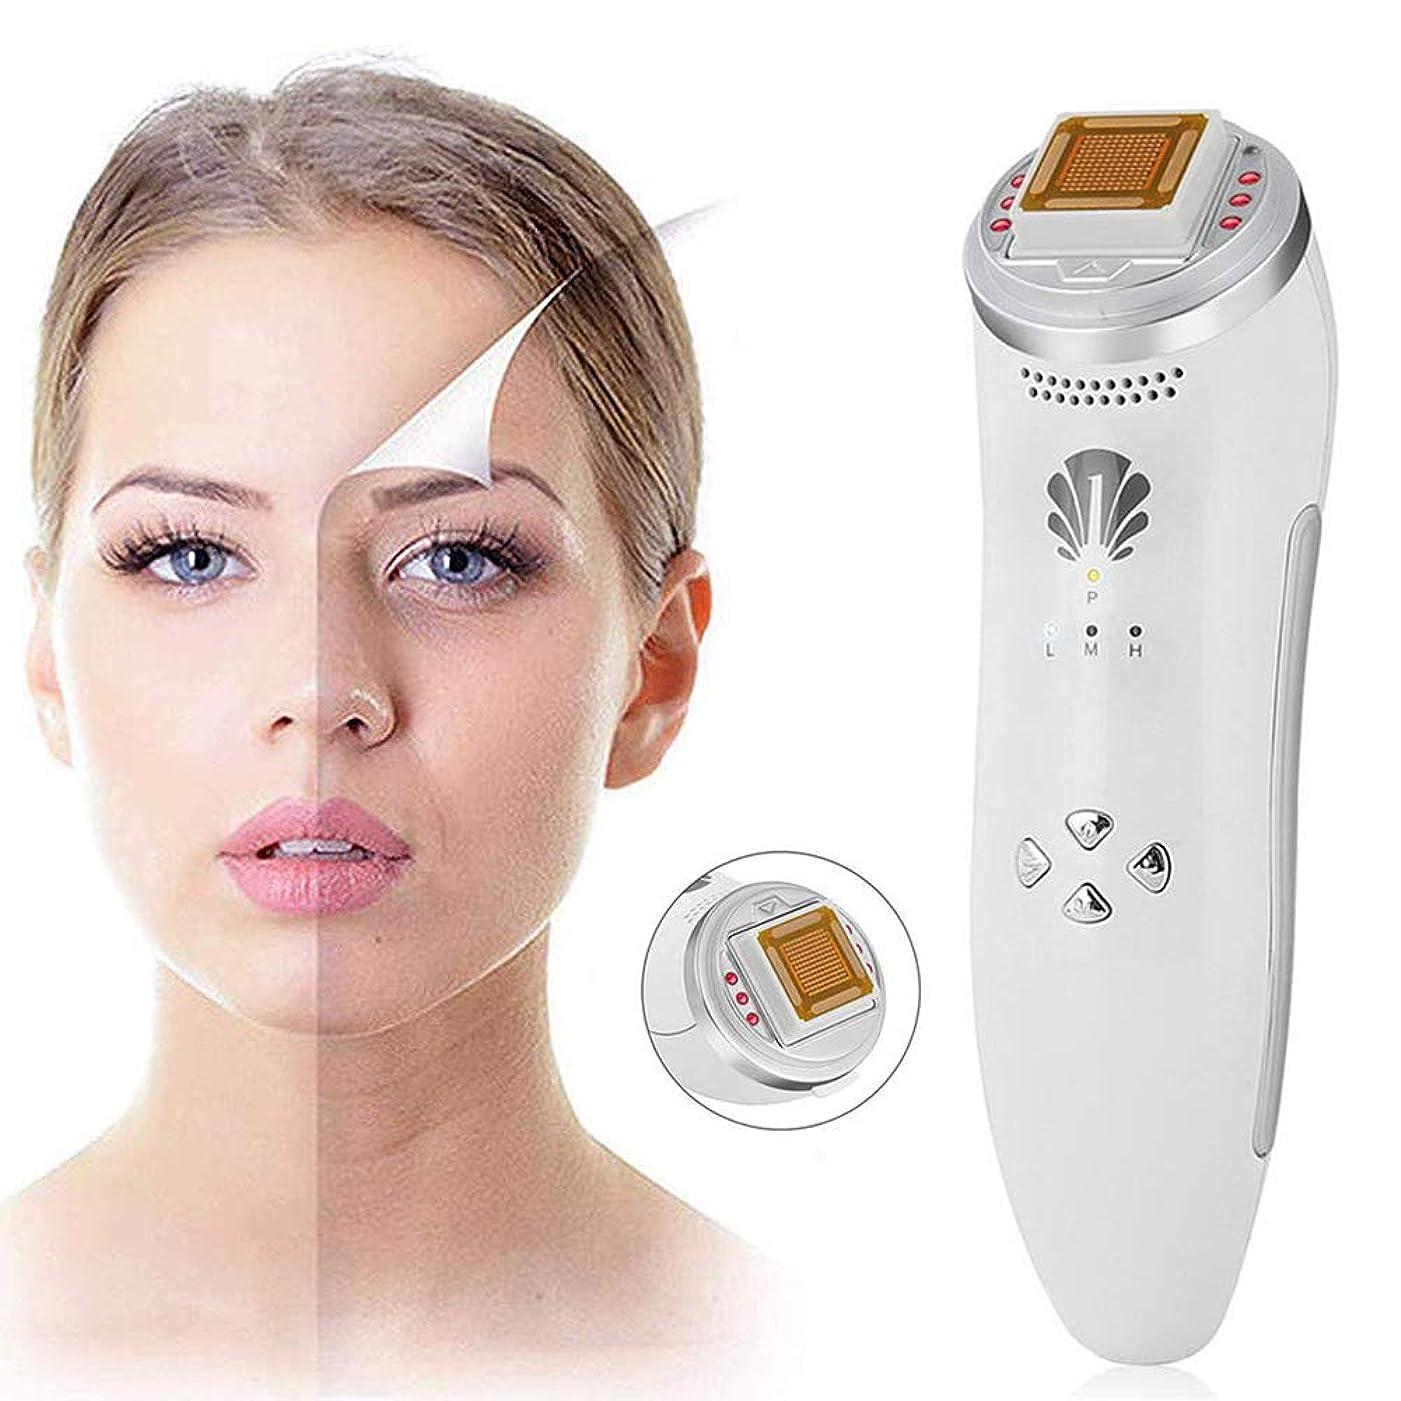 凝視エンティティ妻しわのためのフェイスリフト装置の皮のきつく締まる機械は顔のマッサージャー多機能のスキンケアの美の器械を取除きます